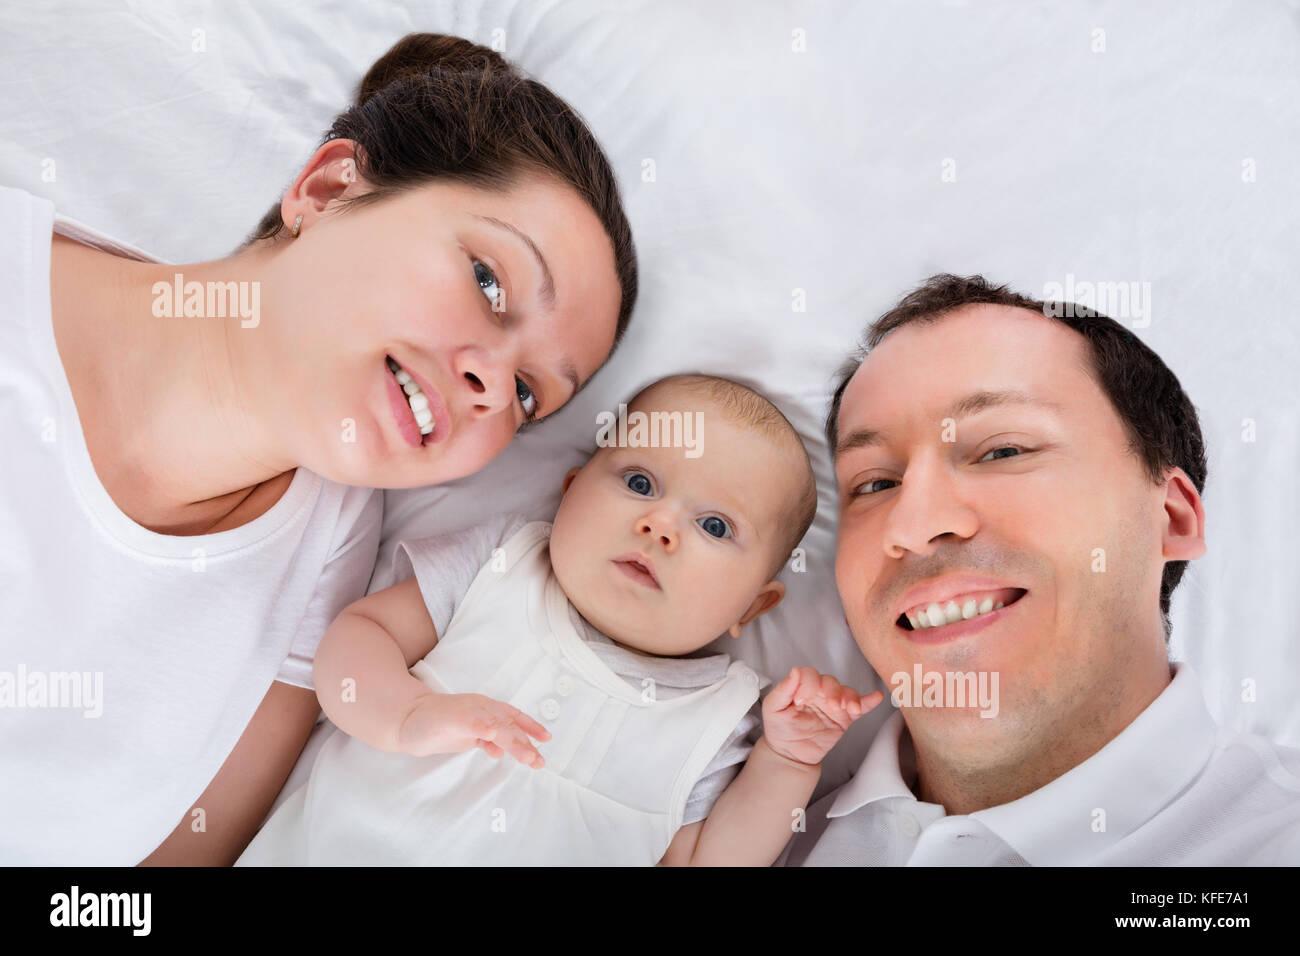 Ritratto di una famiglia felice sul letto bianco Immagini Stock